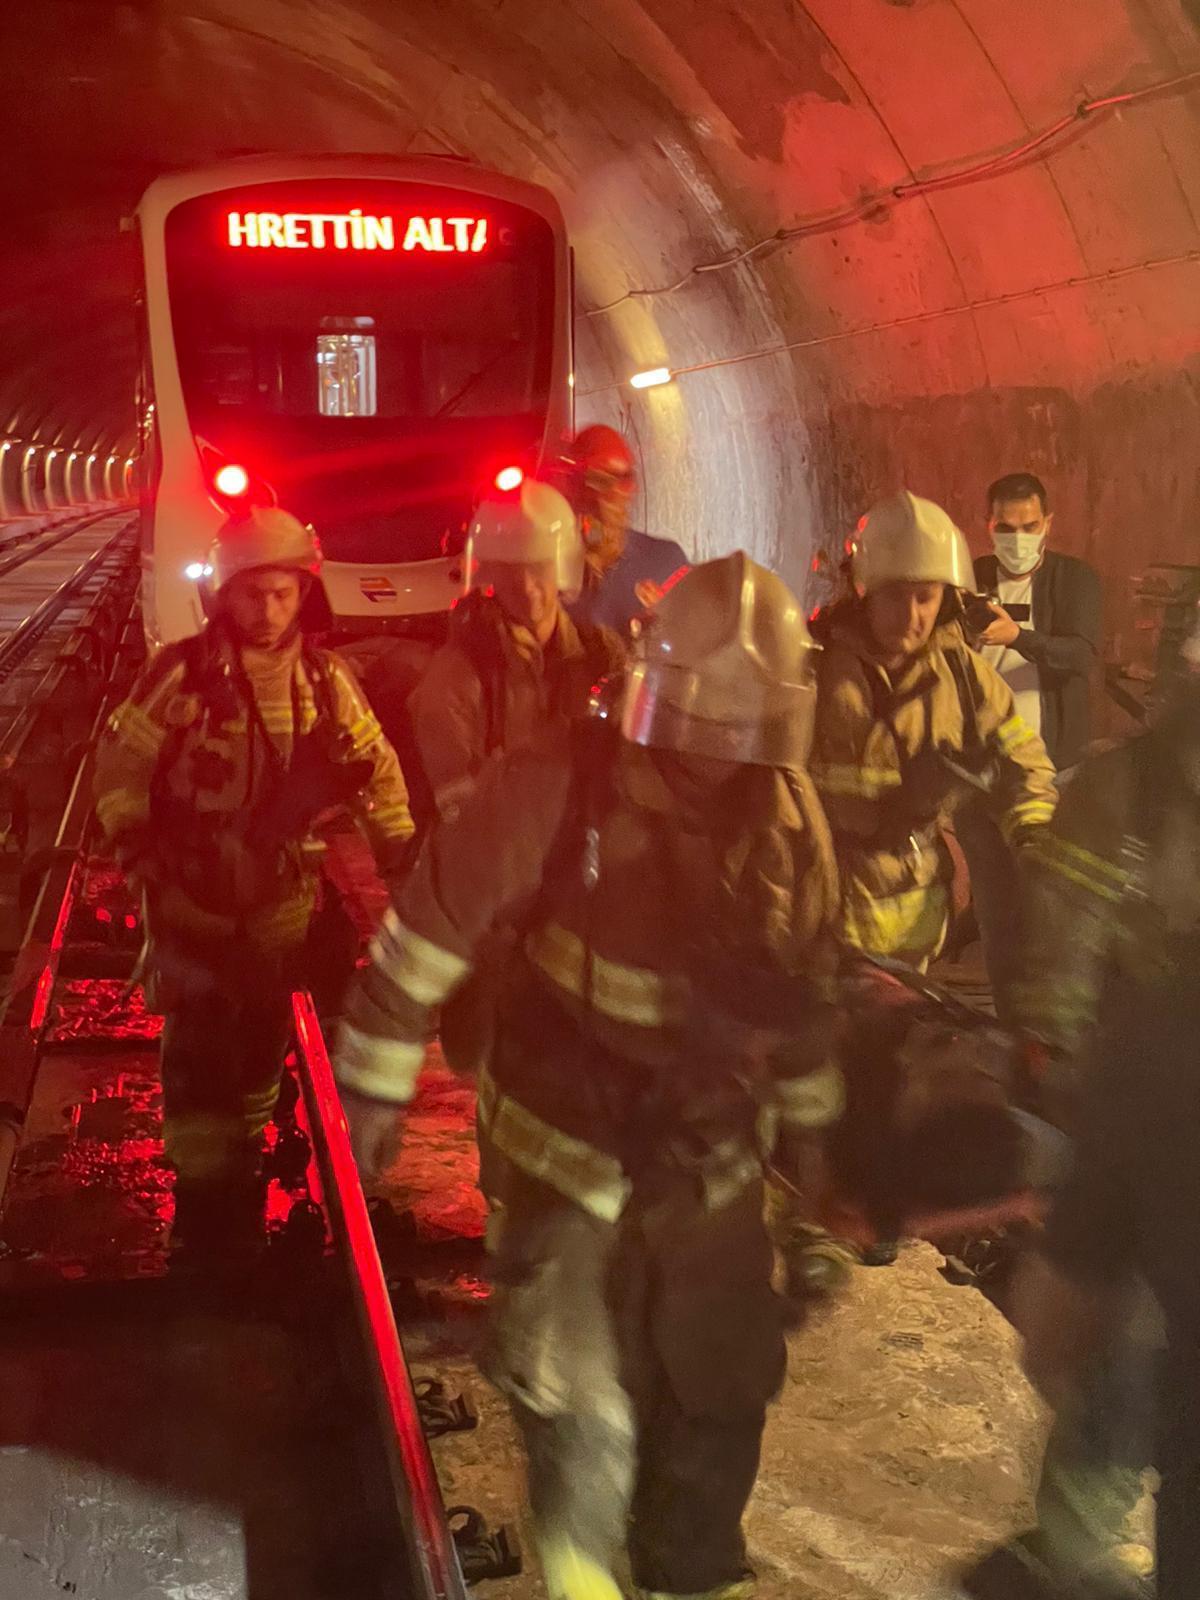 İzmir'de metro durakları arası yangın tatbikatı yenigun